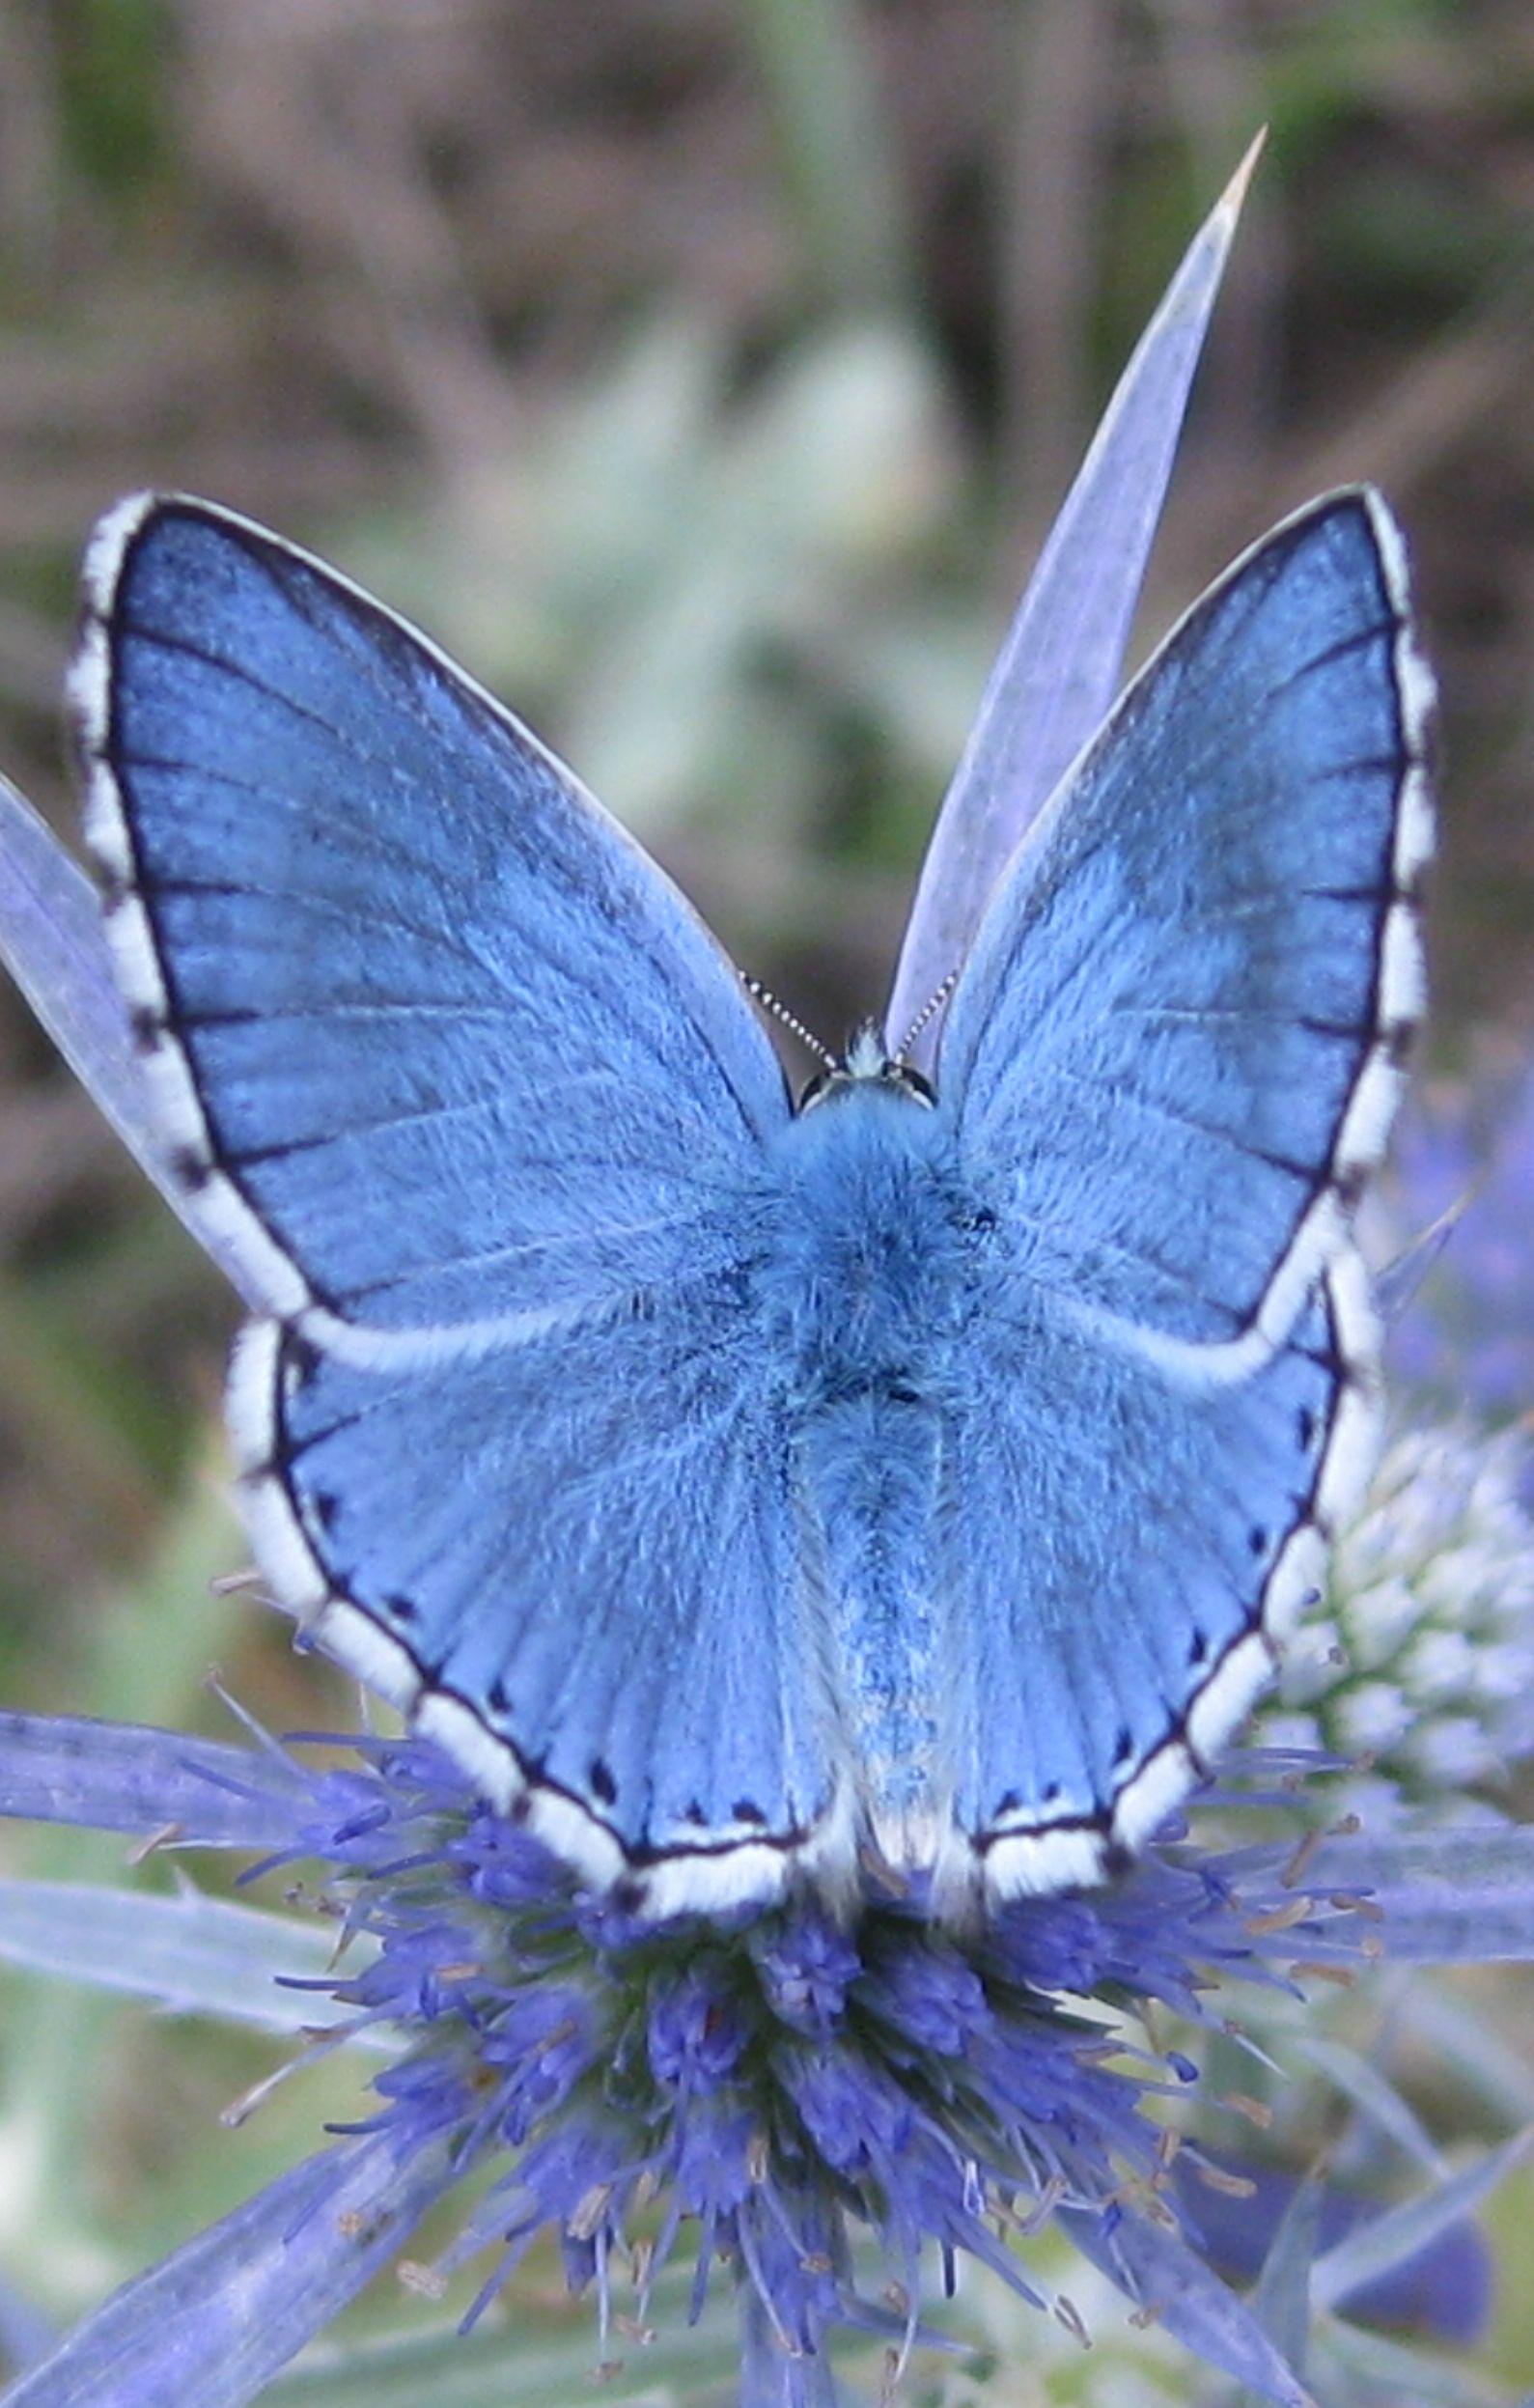 Eine Schmetterlings Bestimmungshilfe Fur Blaulinge Lycaenidae Kostenlos Interaktiv Online Dies Hier Ist Ein Himmelbl Insekten Interaktiv Erste Hilfe